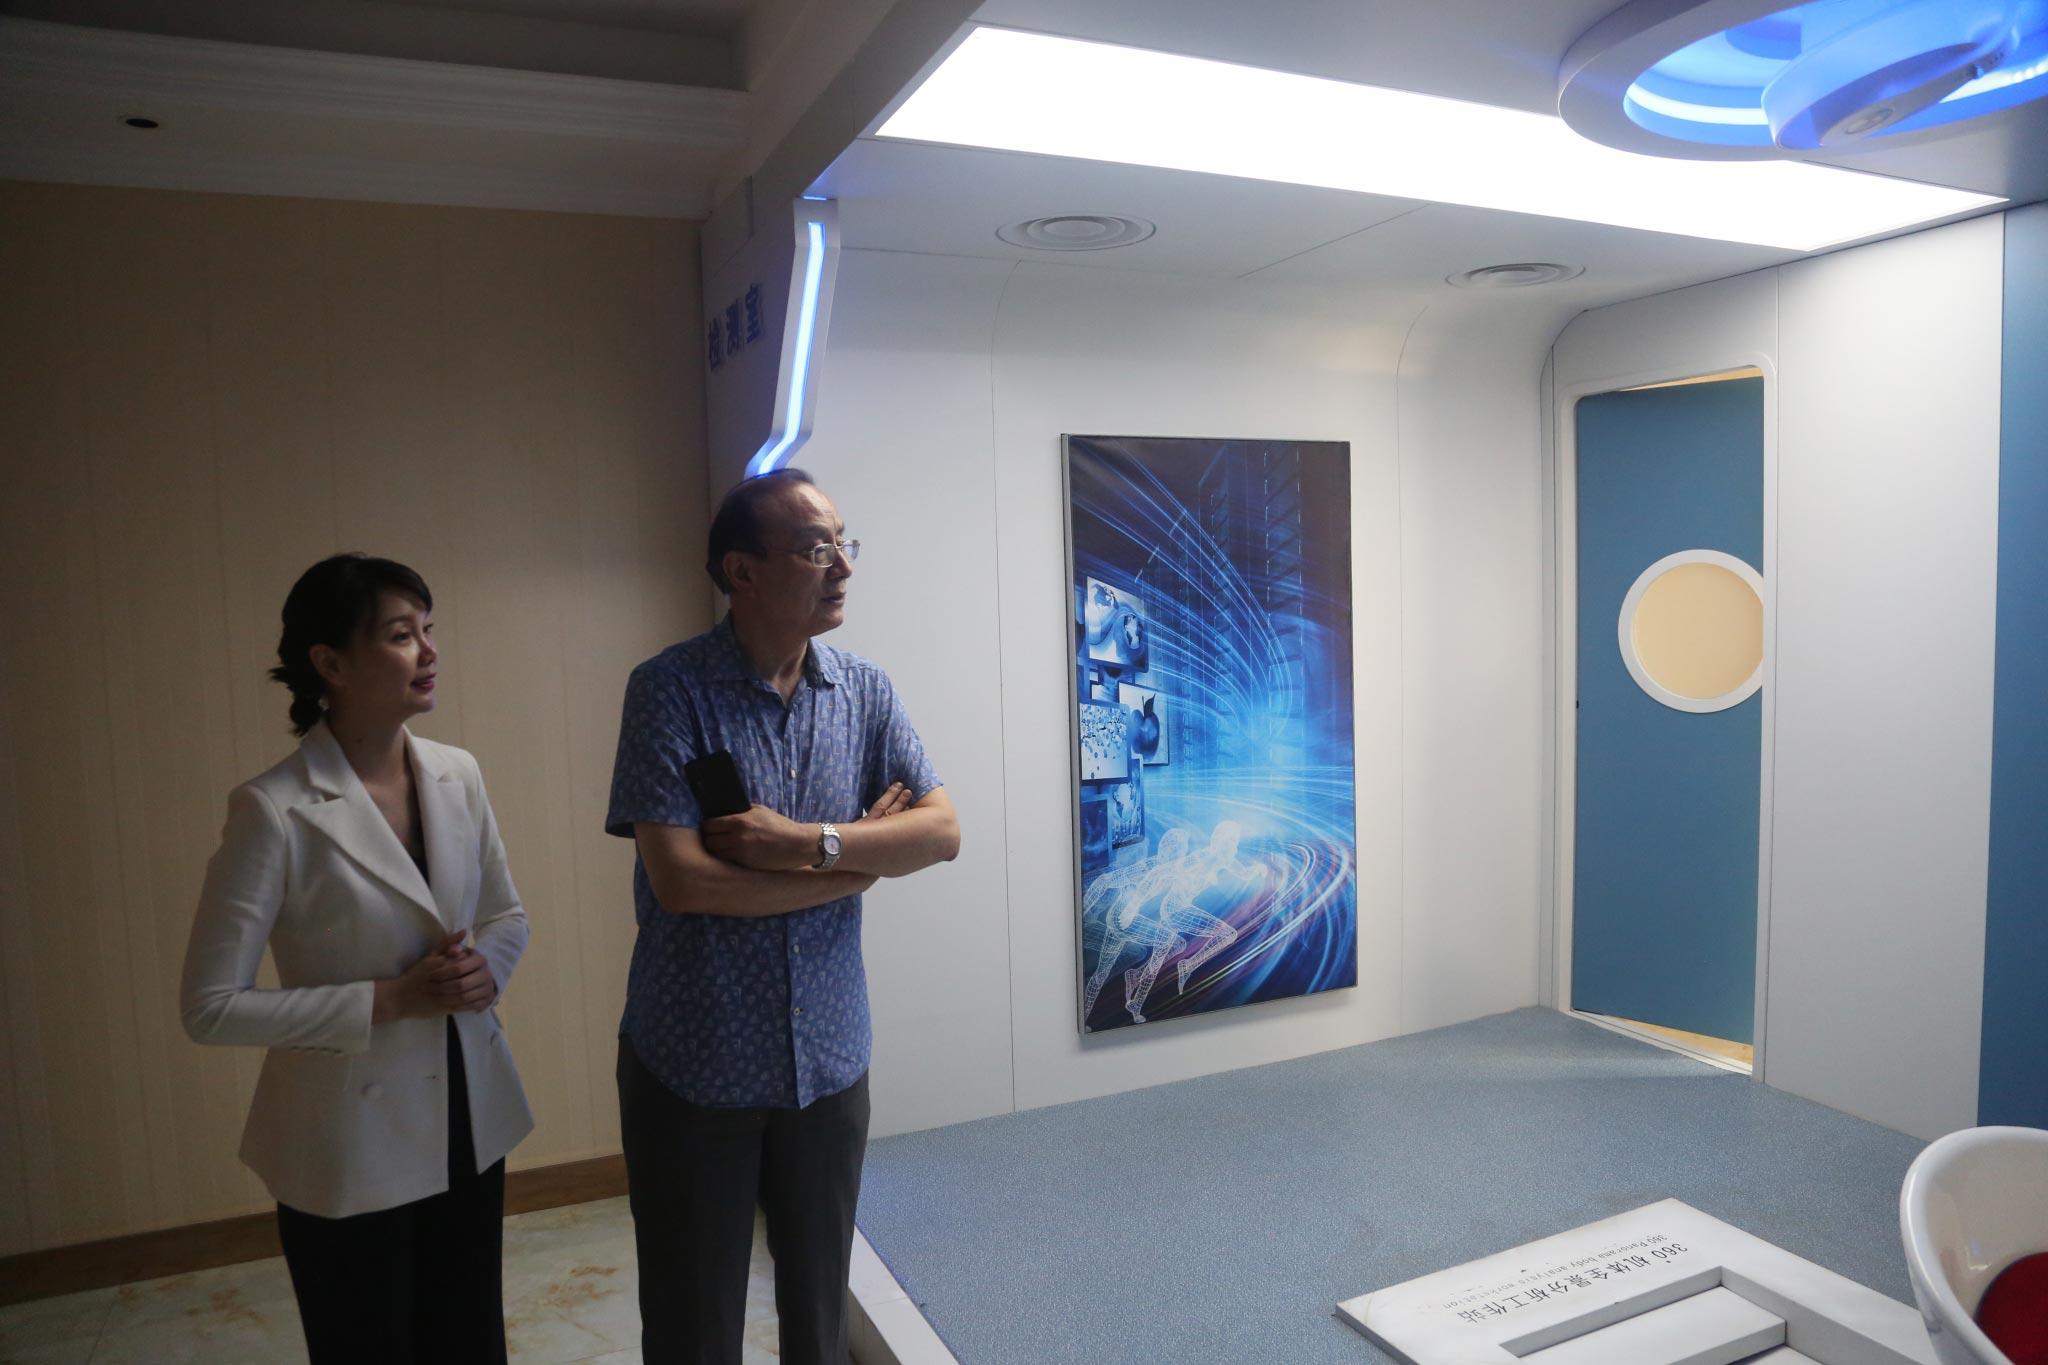 热烈欢迎中华医学会糖尿病学会常委胡仁明先生一行莅临楷恩医院指导工作!